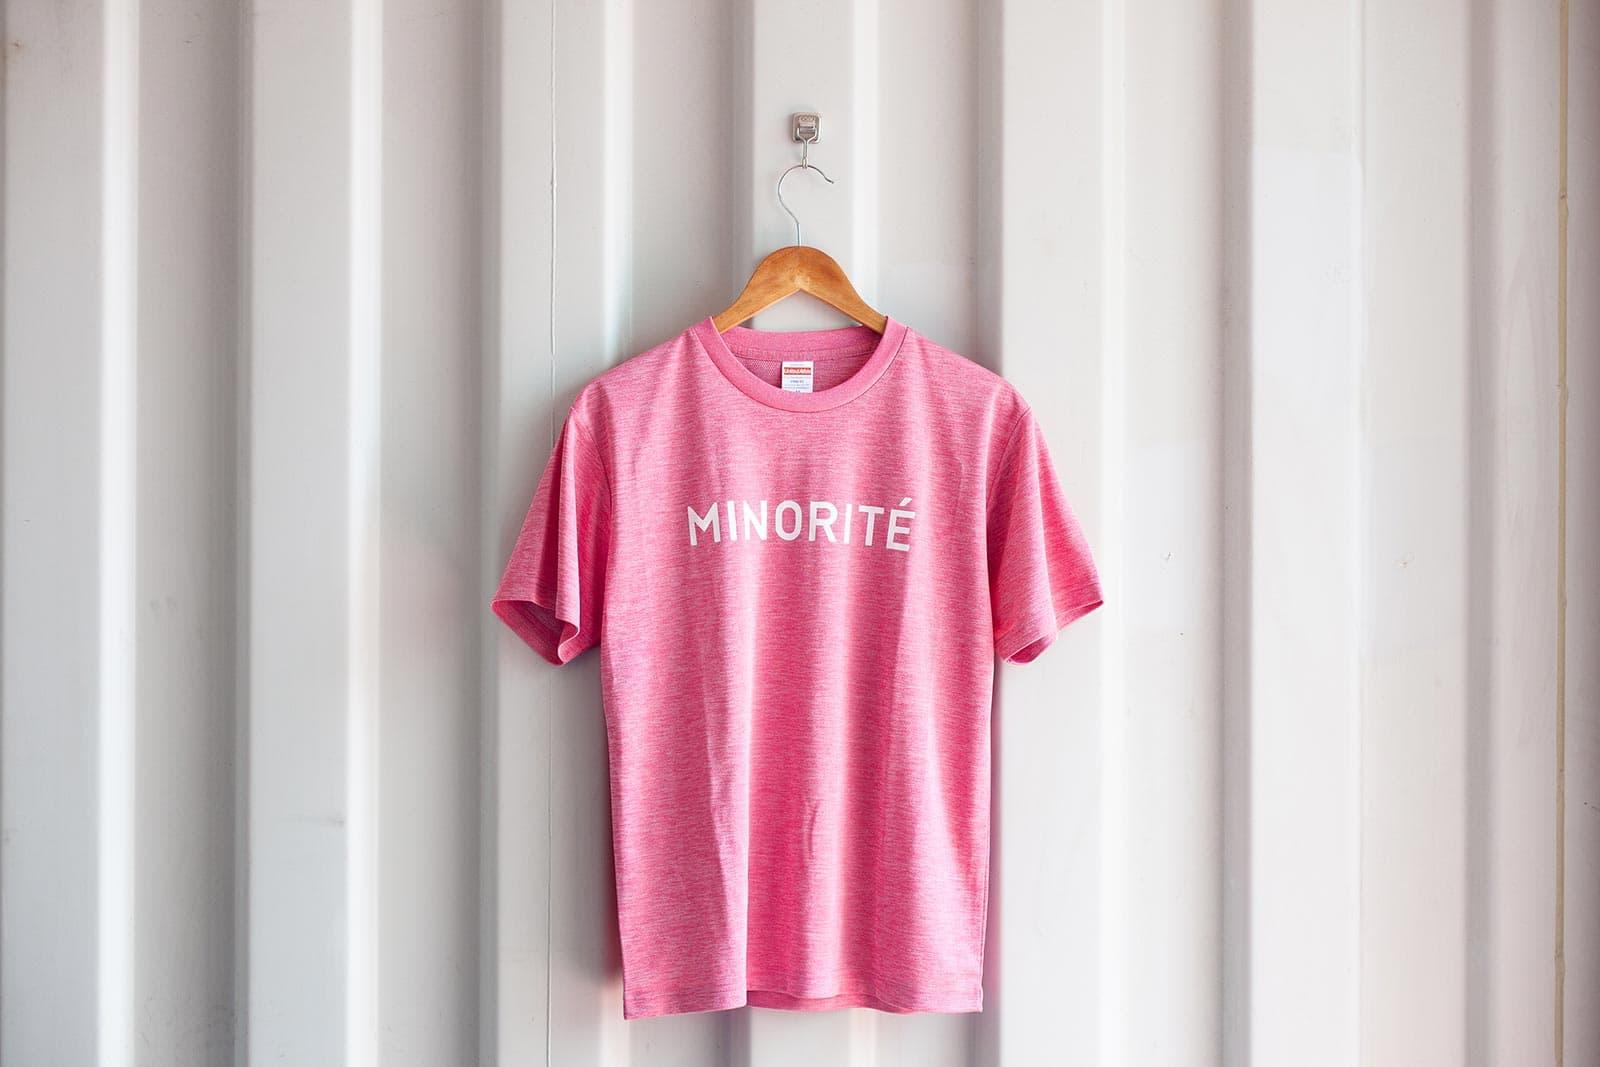 ミノリテロゴTシャツ/ヘザーピンク表